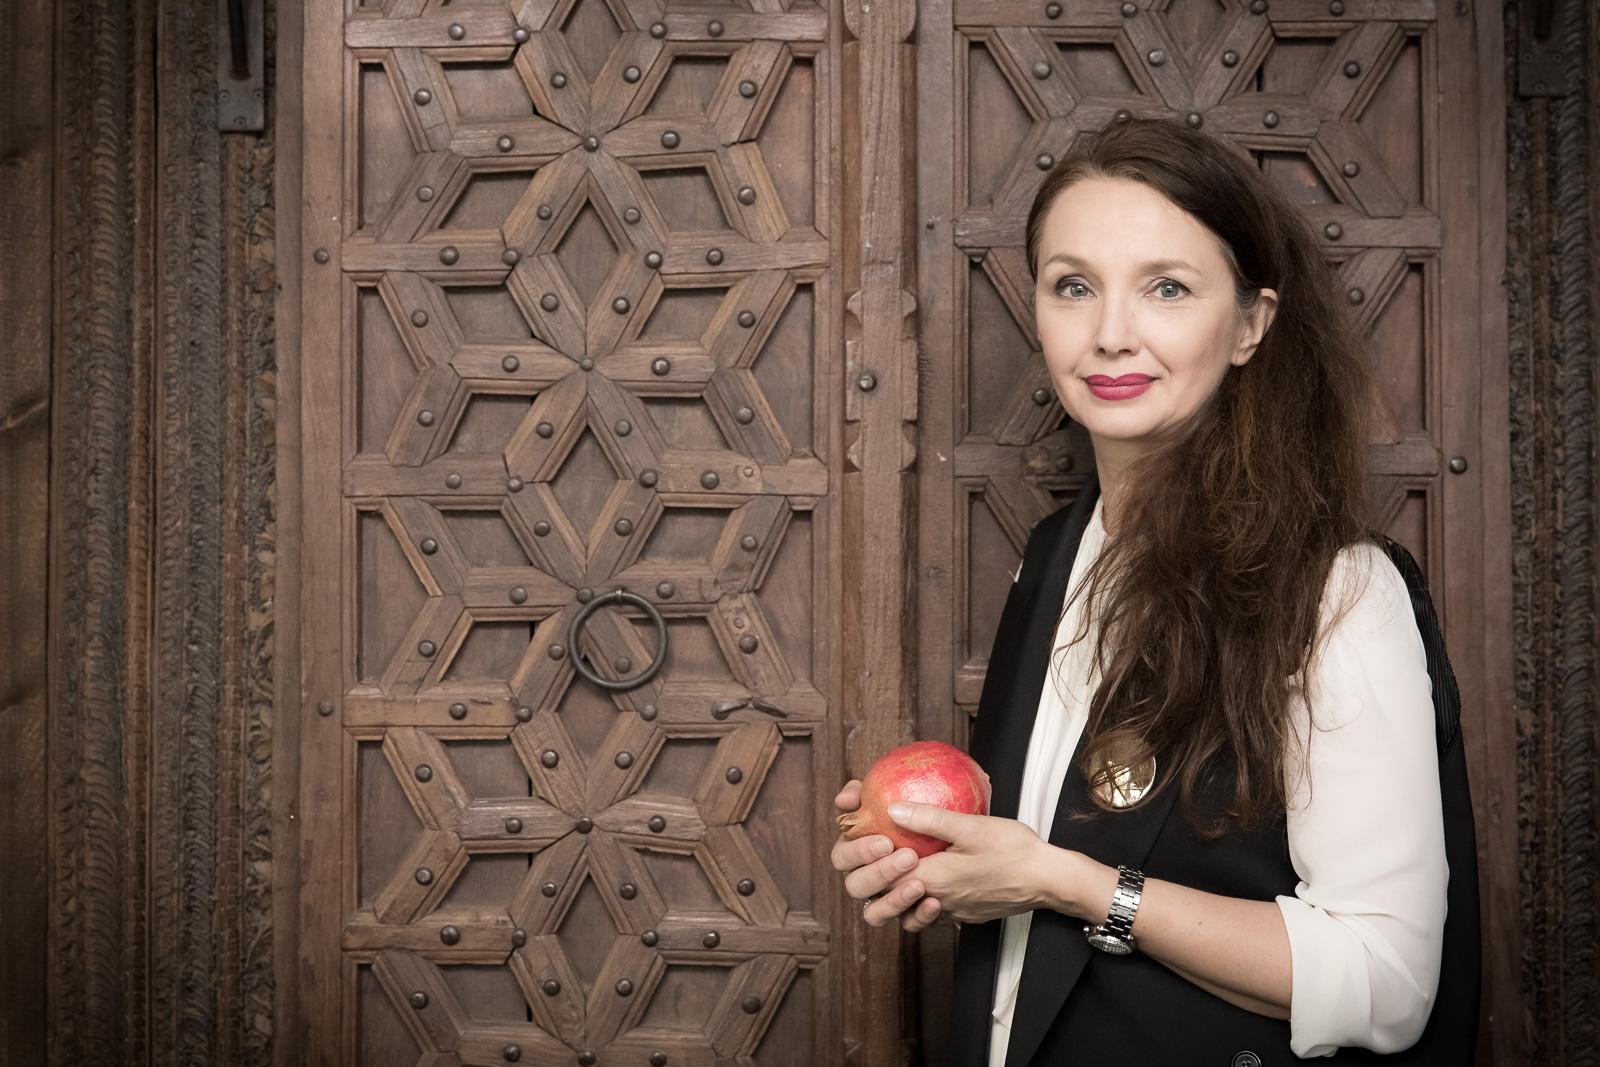 Unternehmensfotografie-Trinitae-Bernadett Yehdou-Fotograf-Elena Heuft mit Granatapfel